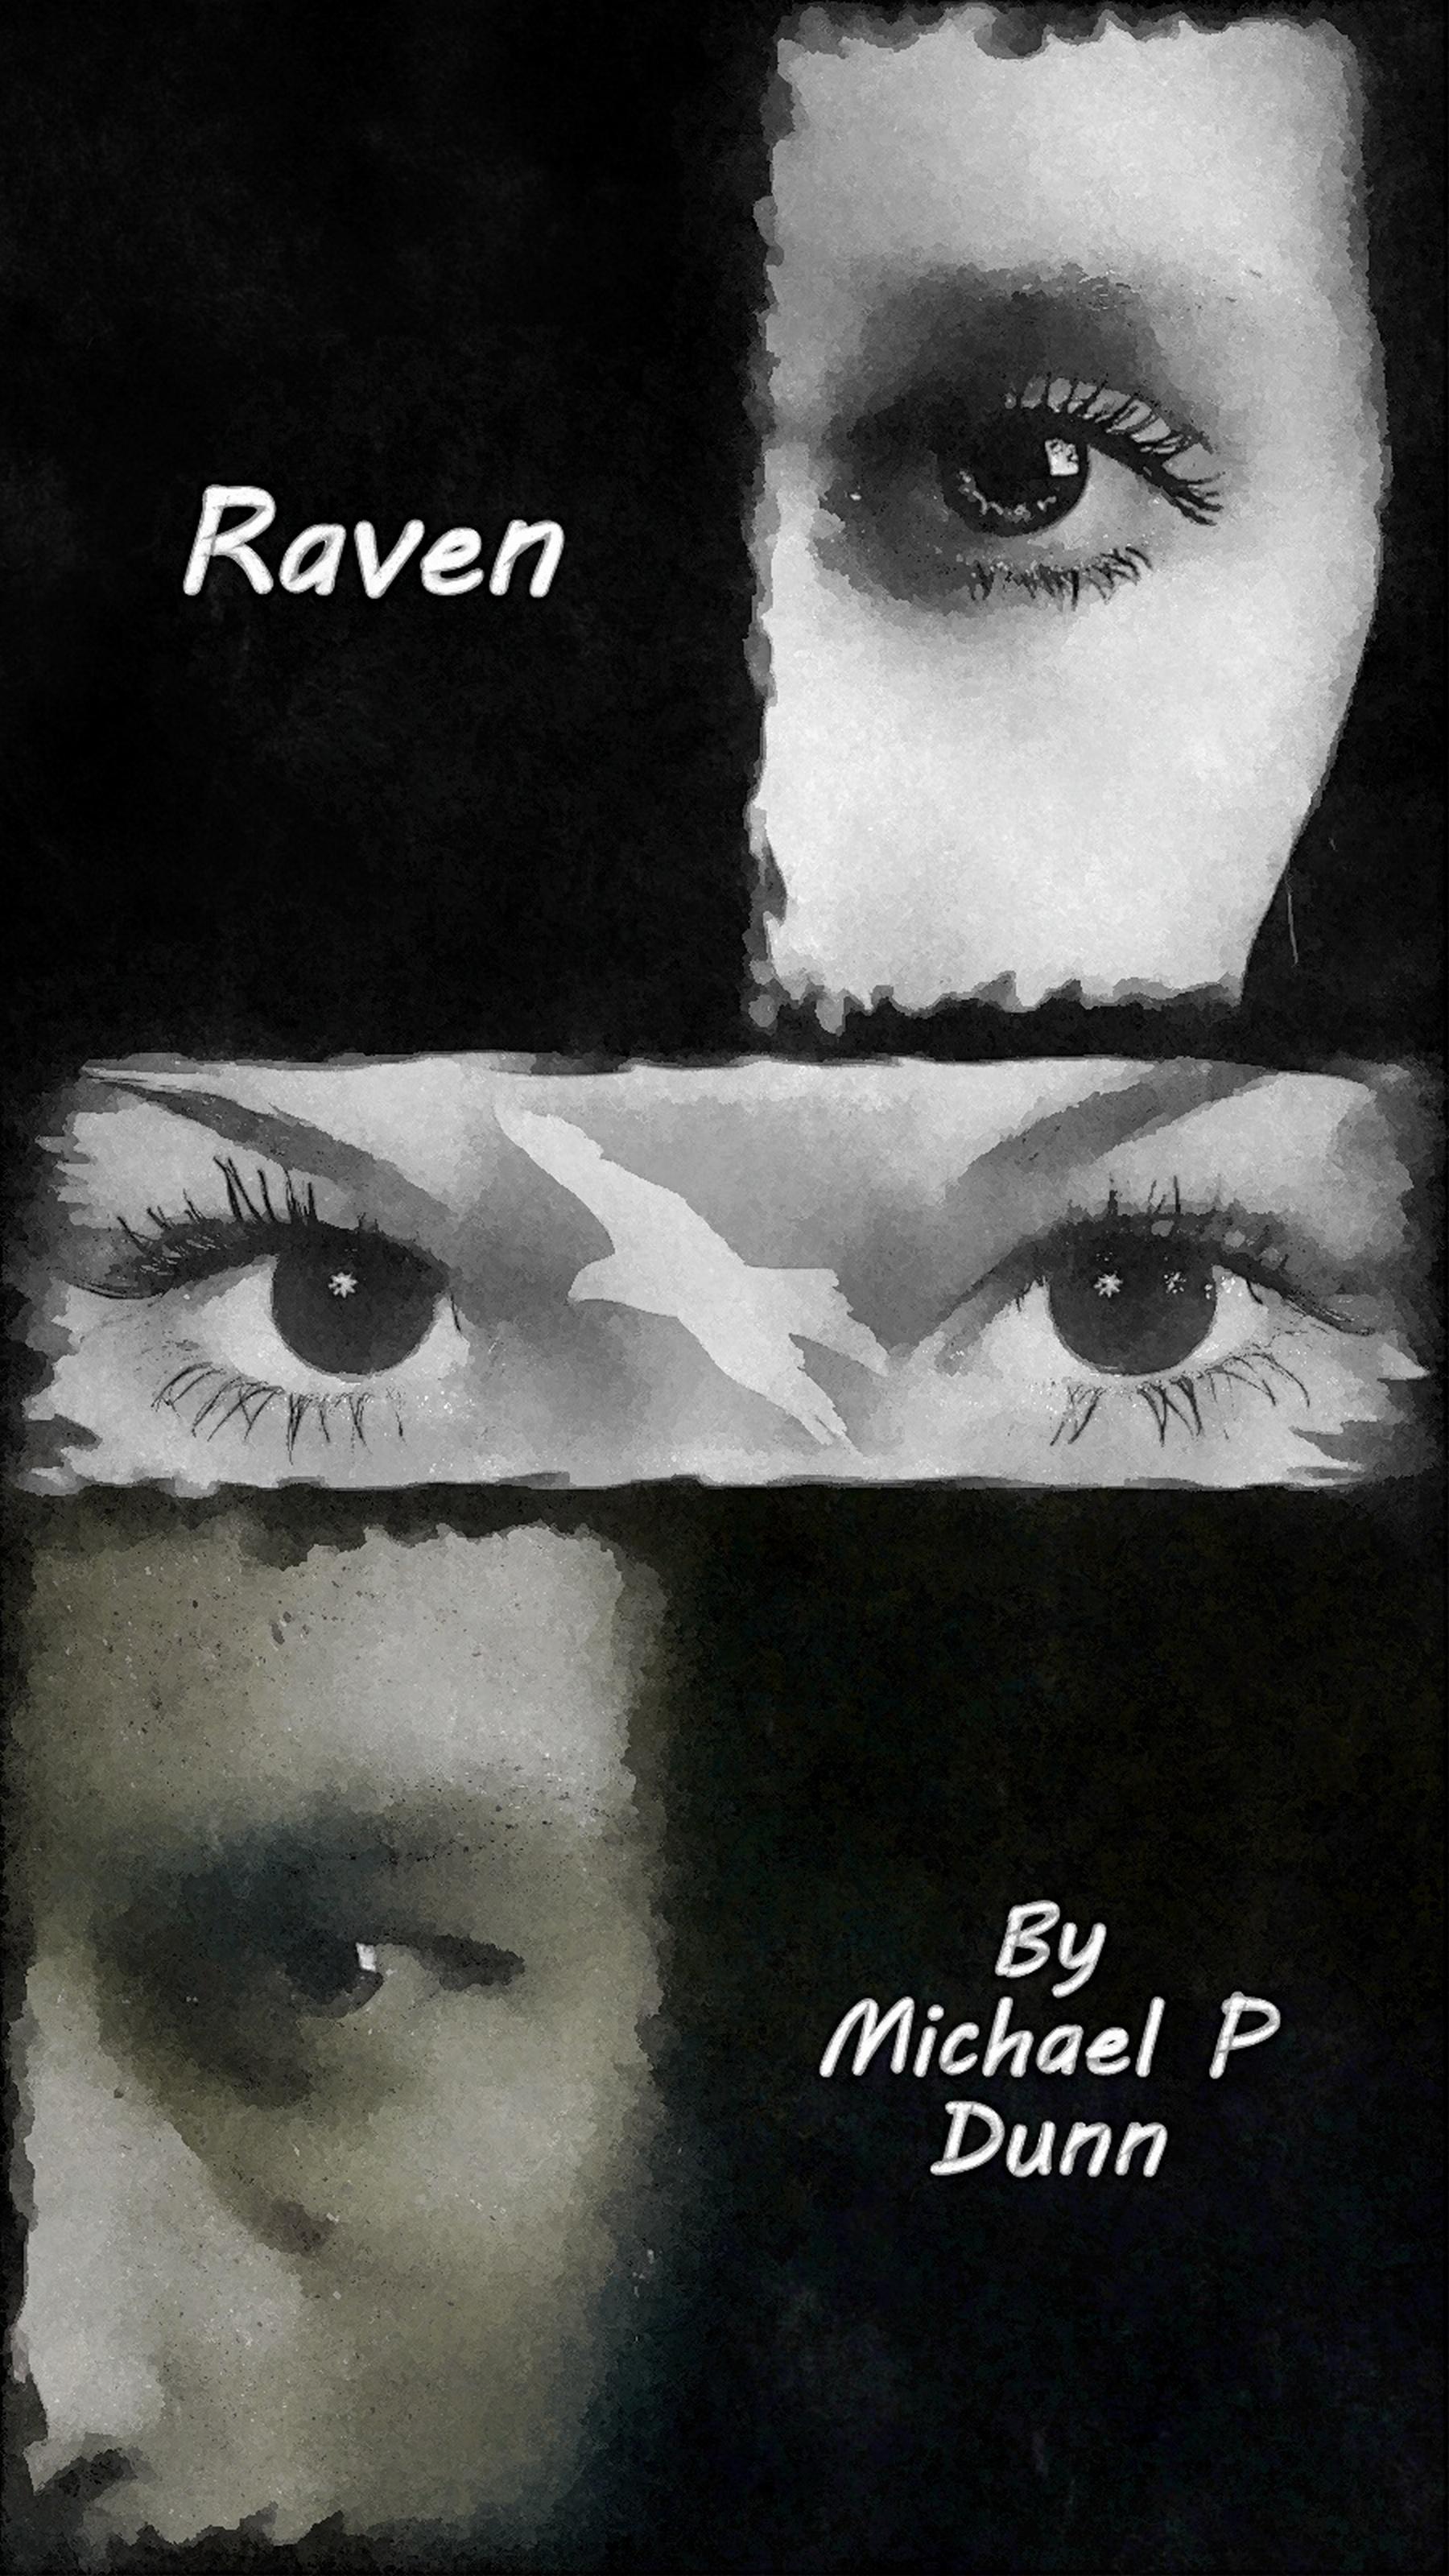 Raven, an Ebook by Michael P  Dunn